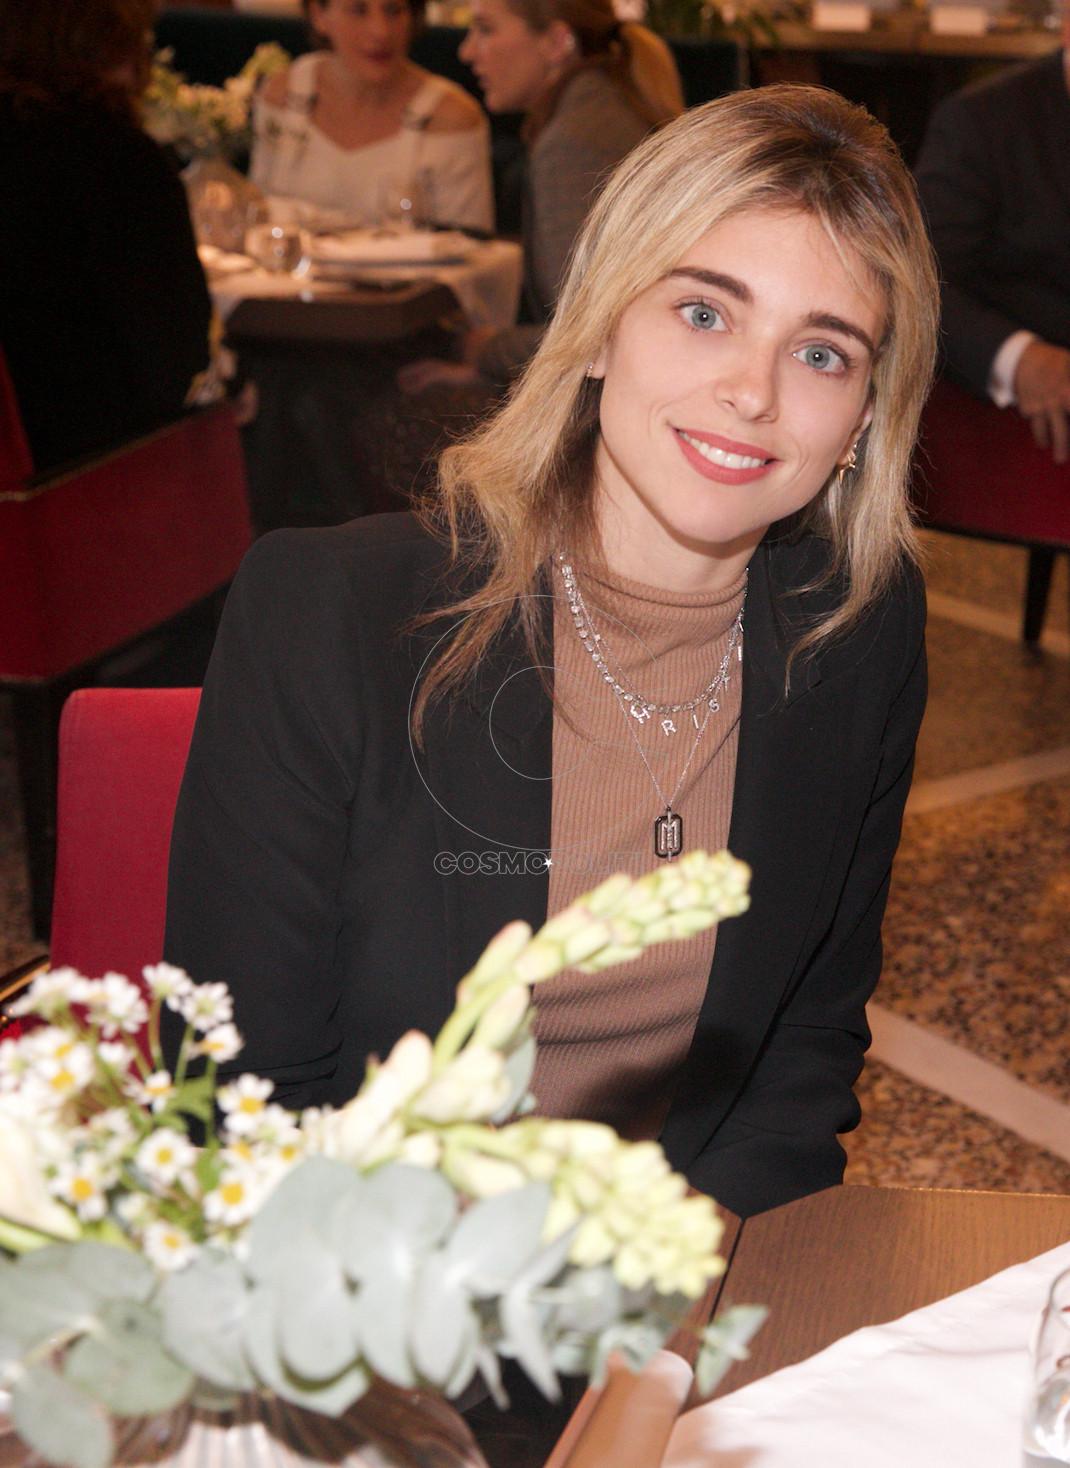 Μαριάννα Γουλανδρή